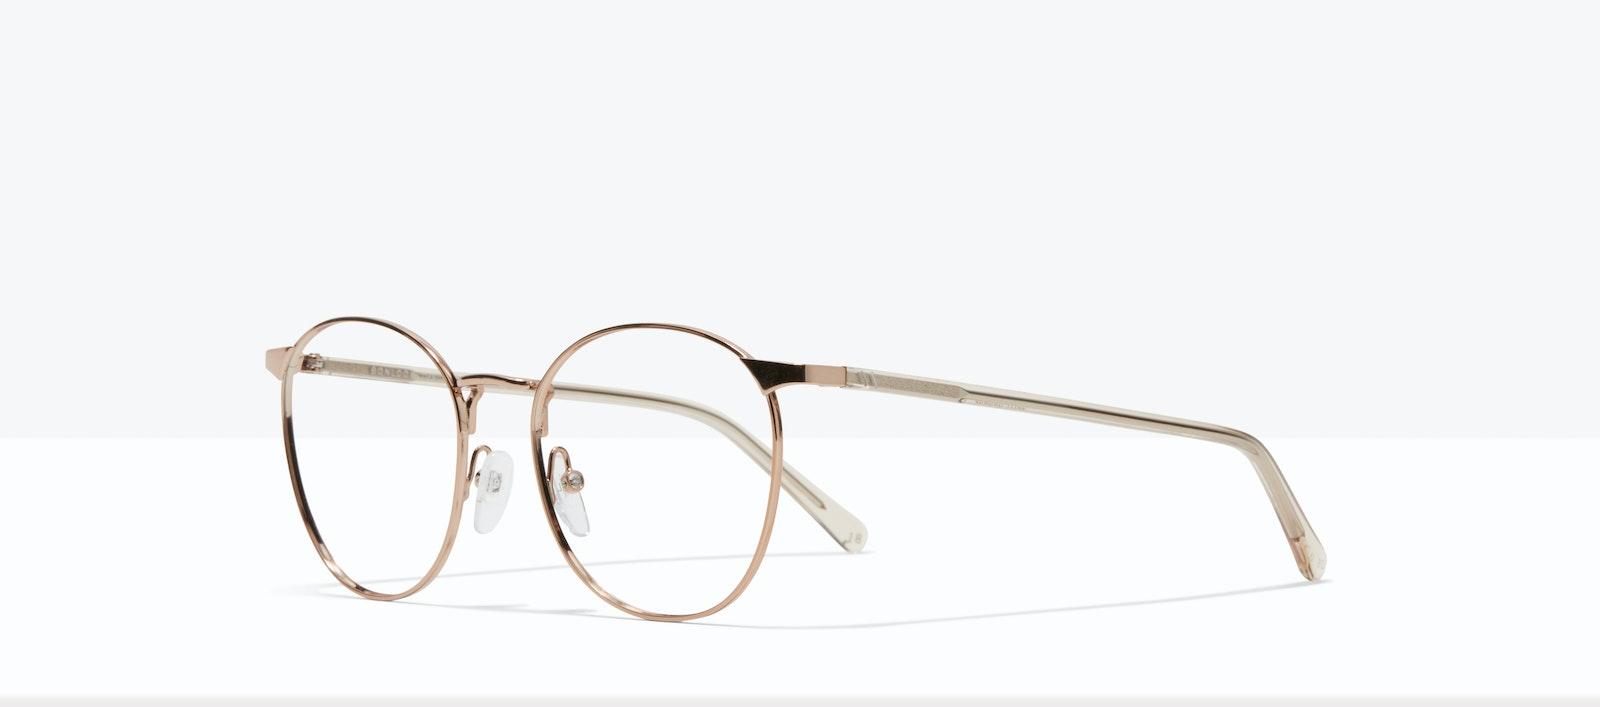 Affordable Fashion Glasses Round Eyeglasses Women Romy XL Aurore Tilt